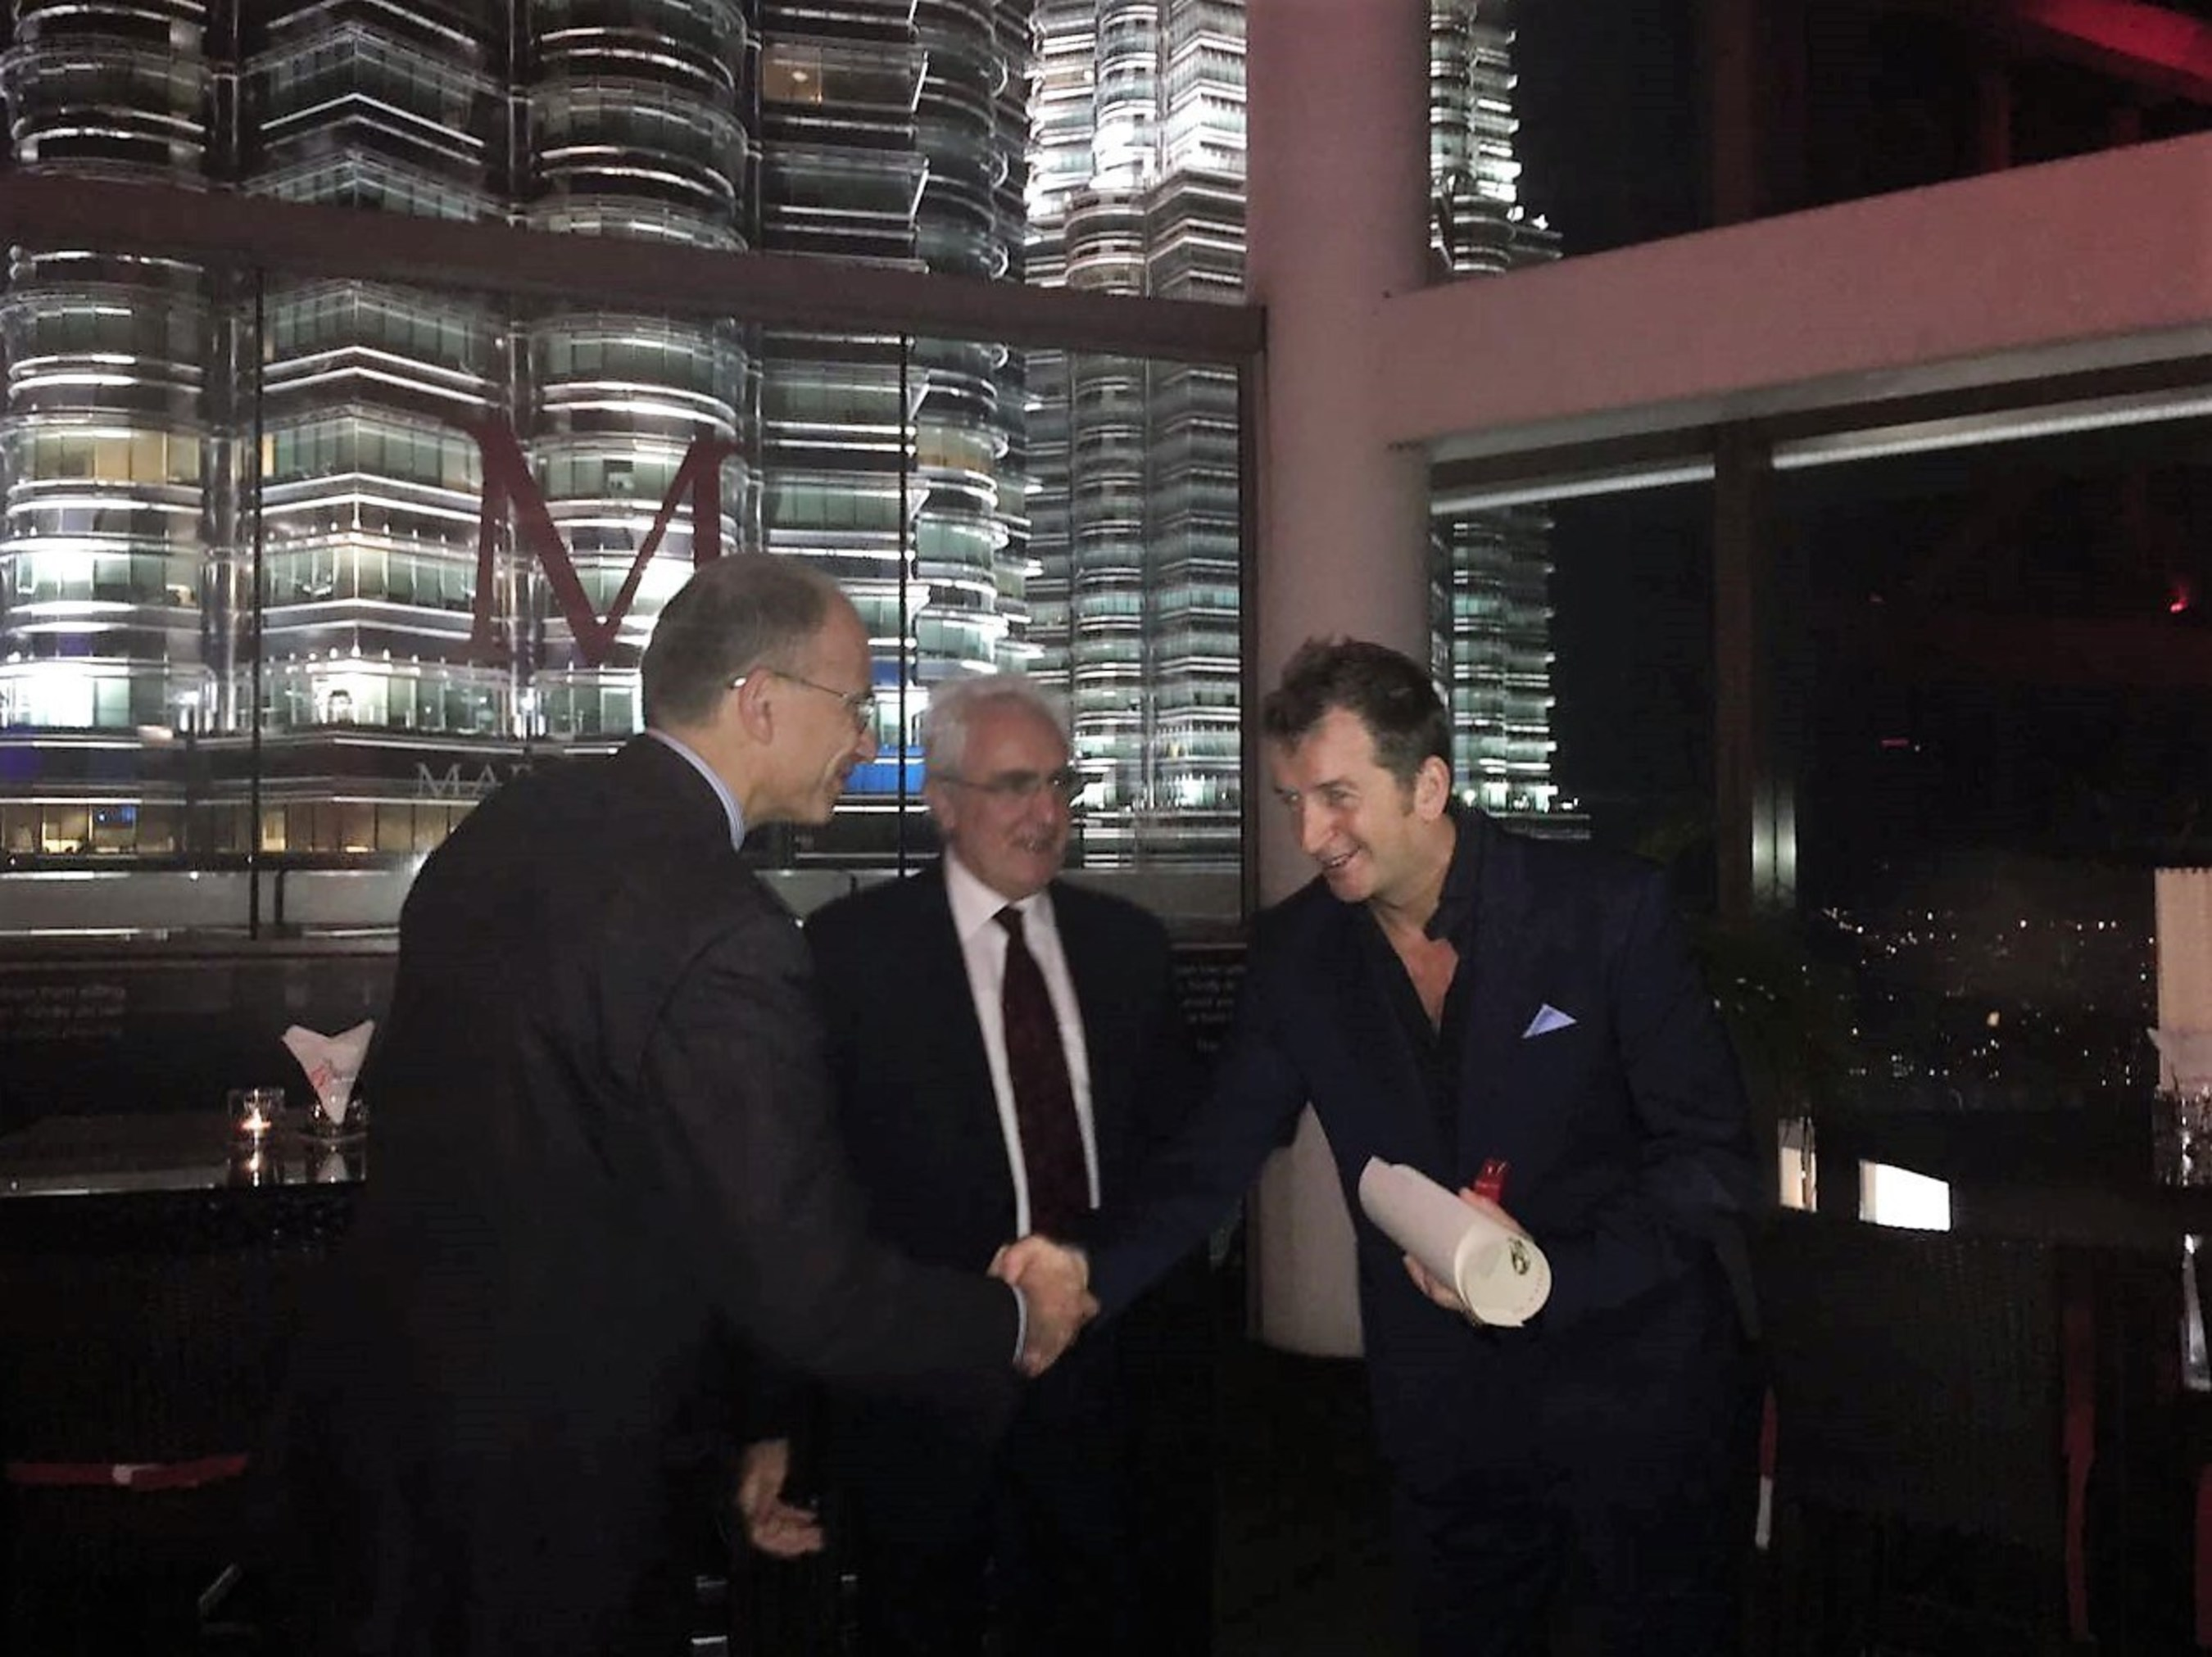 Italian ambassador to Malaysia, HE Mario Sammartino, and former Prime Minister of Italy, Enrico Letta, presenting the Cavaliere dell'Ordine Della Stella D'Italia to Modesto Marini, Founder of The Marini's Group.